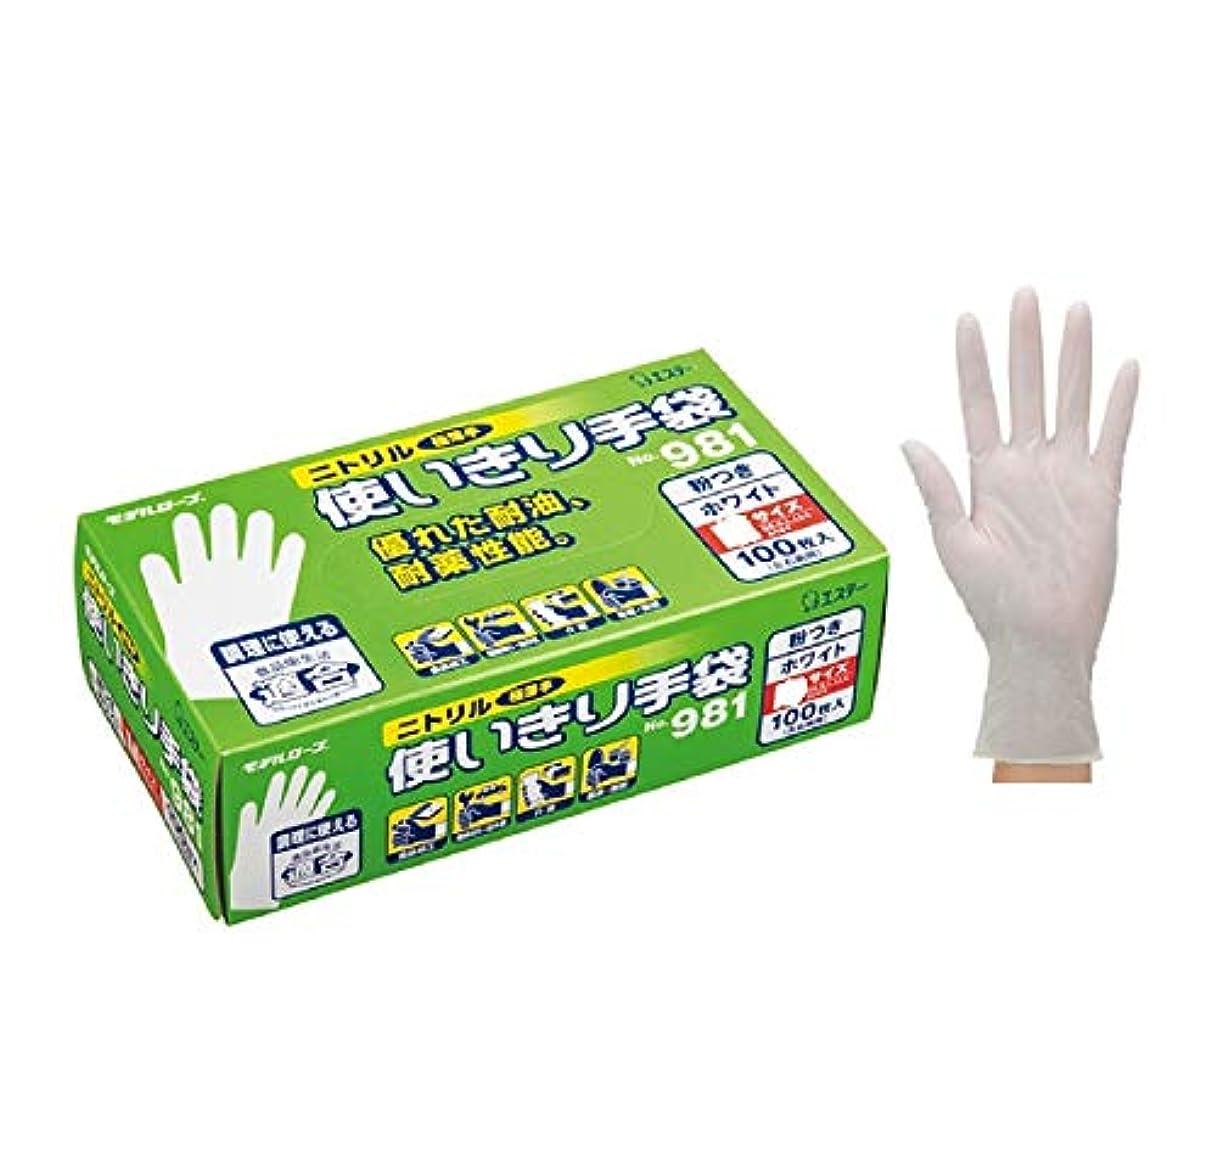 メッシュ設置熱帯のエステー ニトリル手袋/作業用手袋 [粉付 No981/S 12箱]